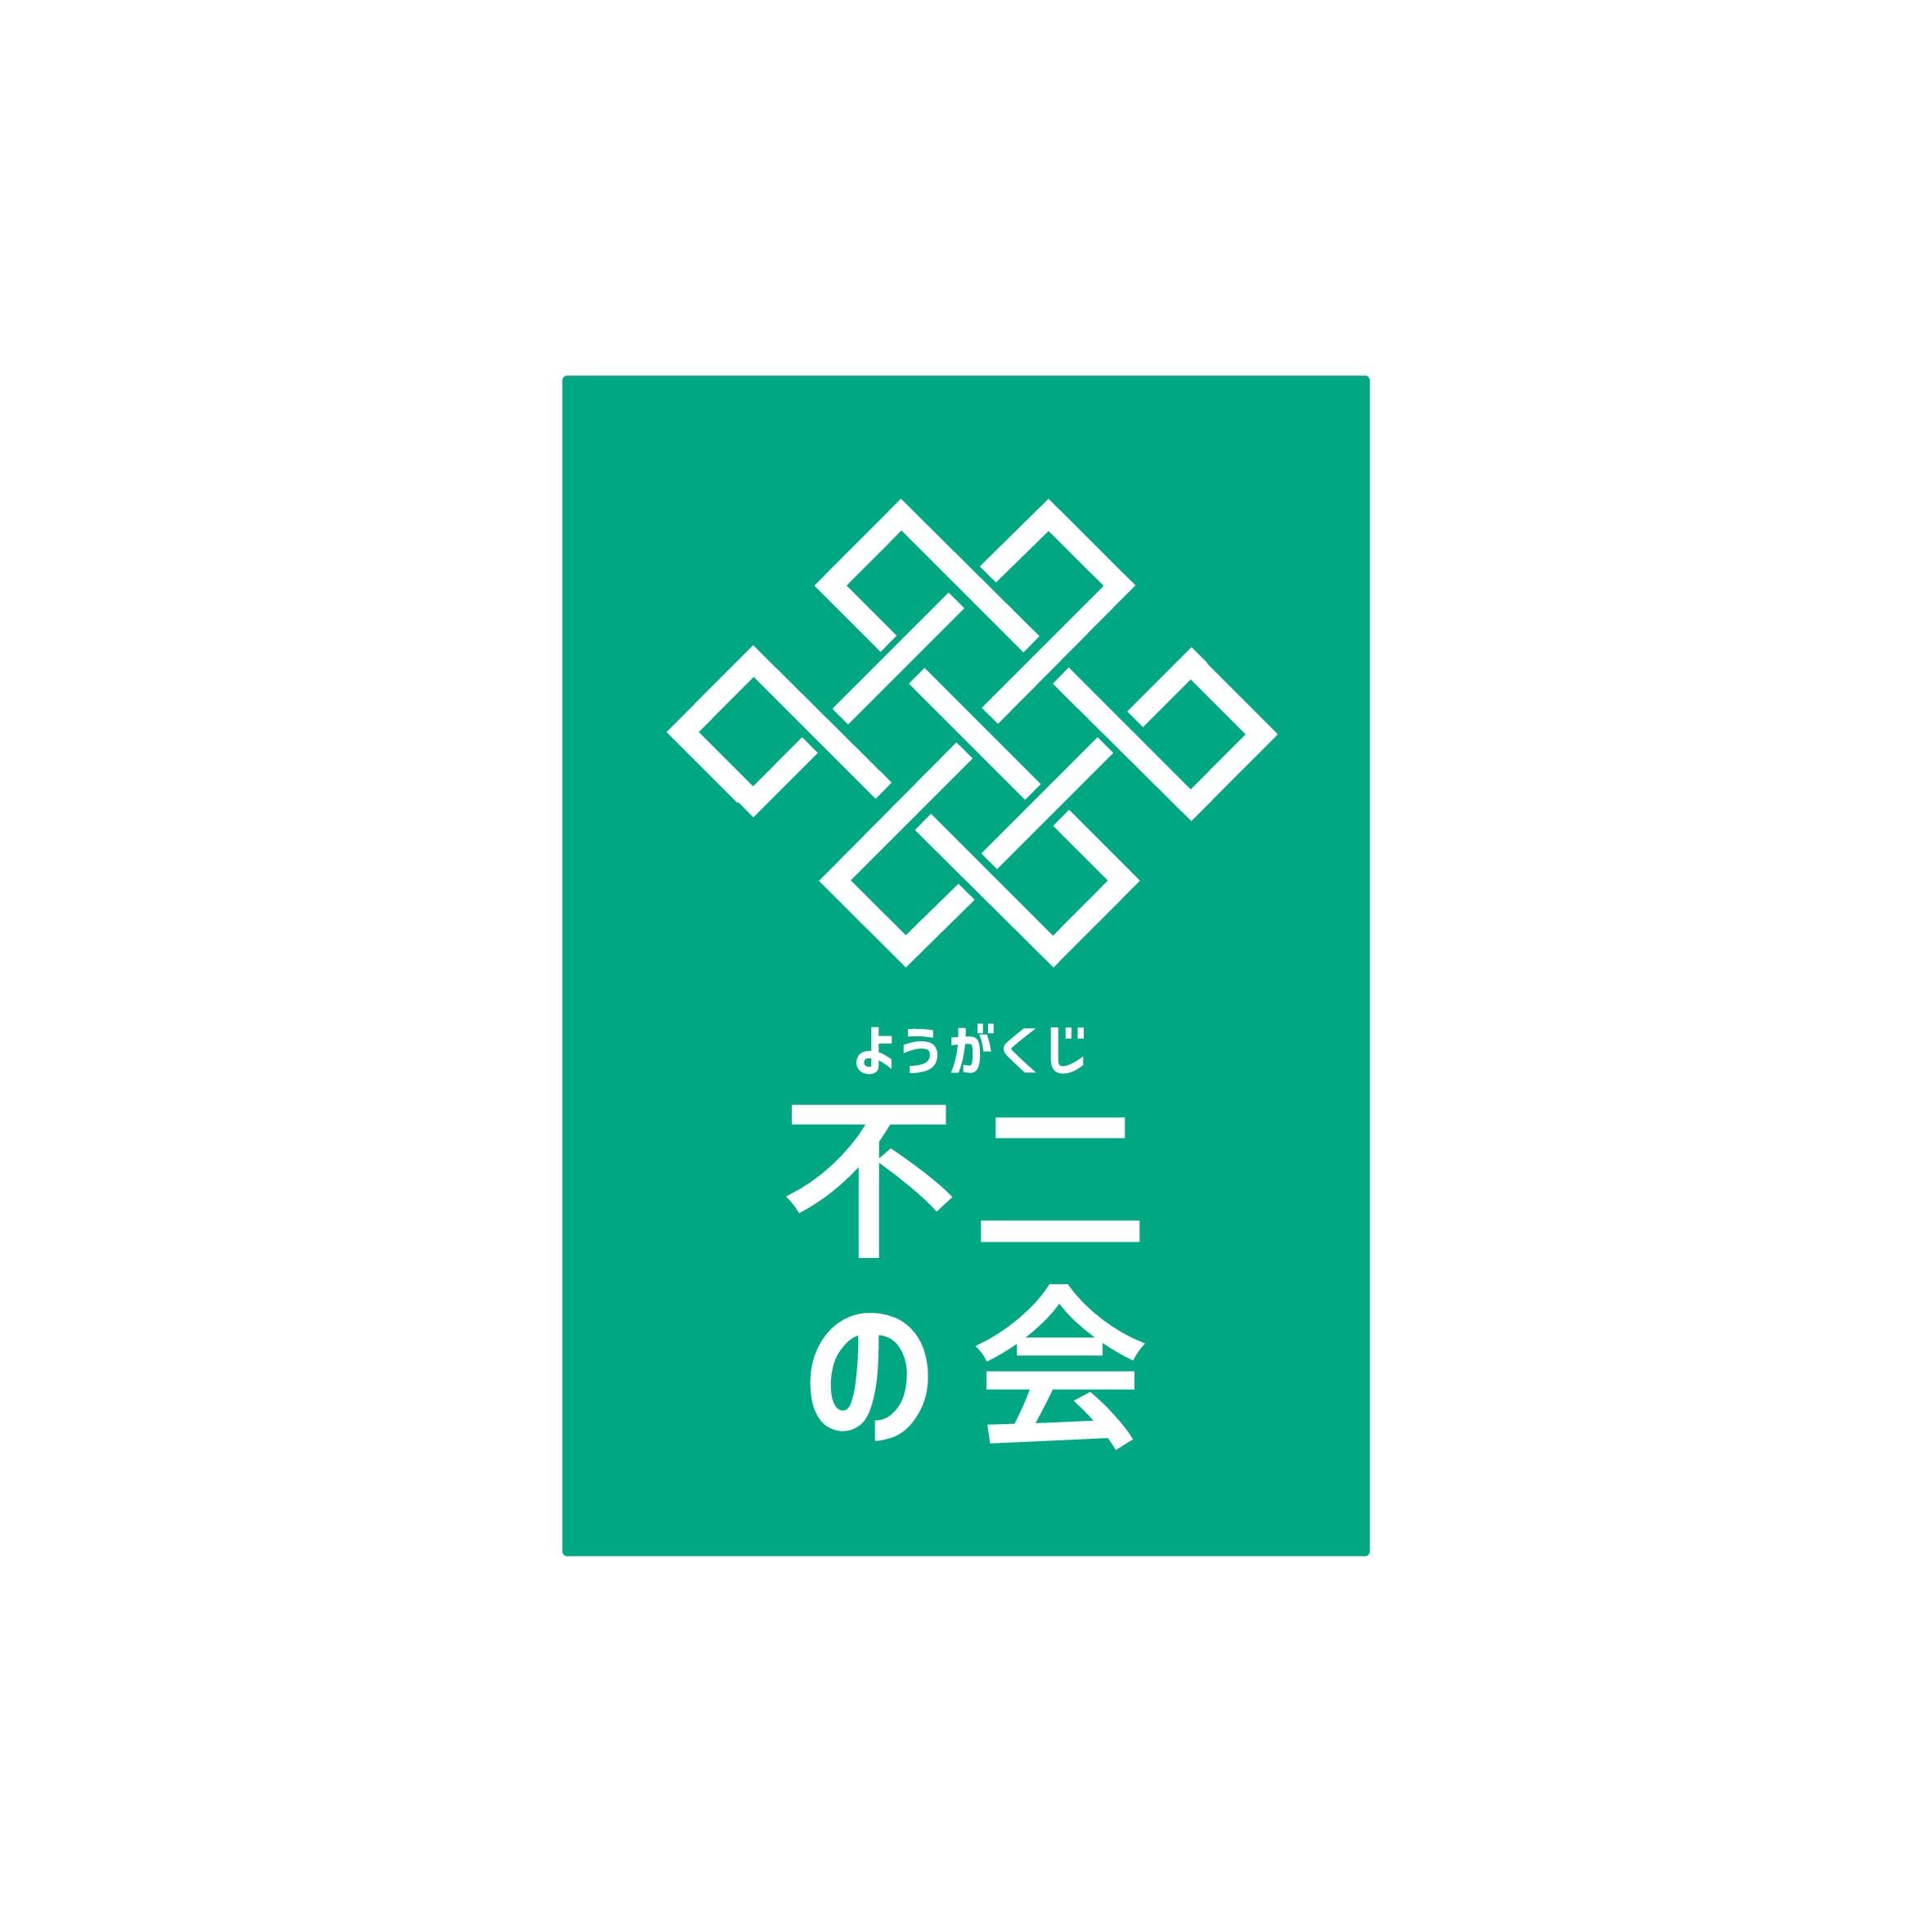 お寺でのイベント主宰団体のロゴをデザインしてください